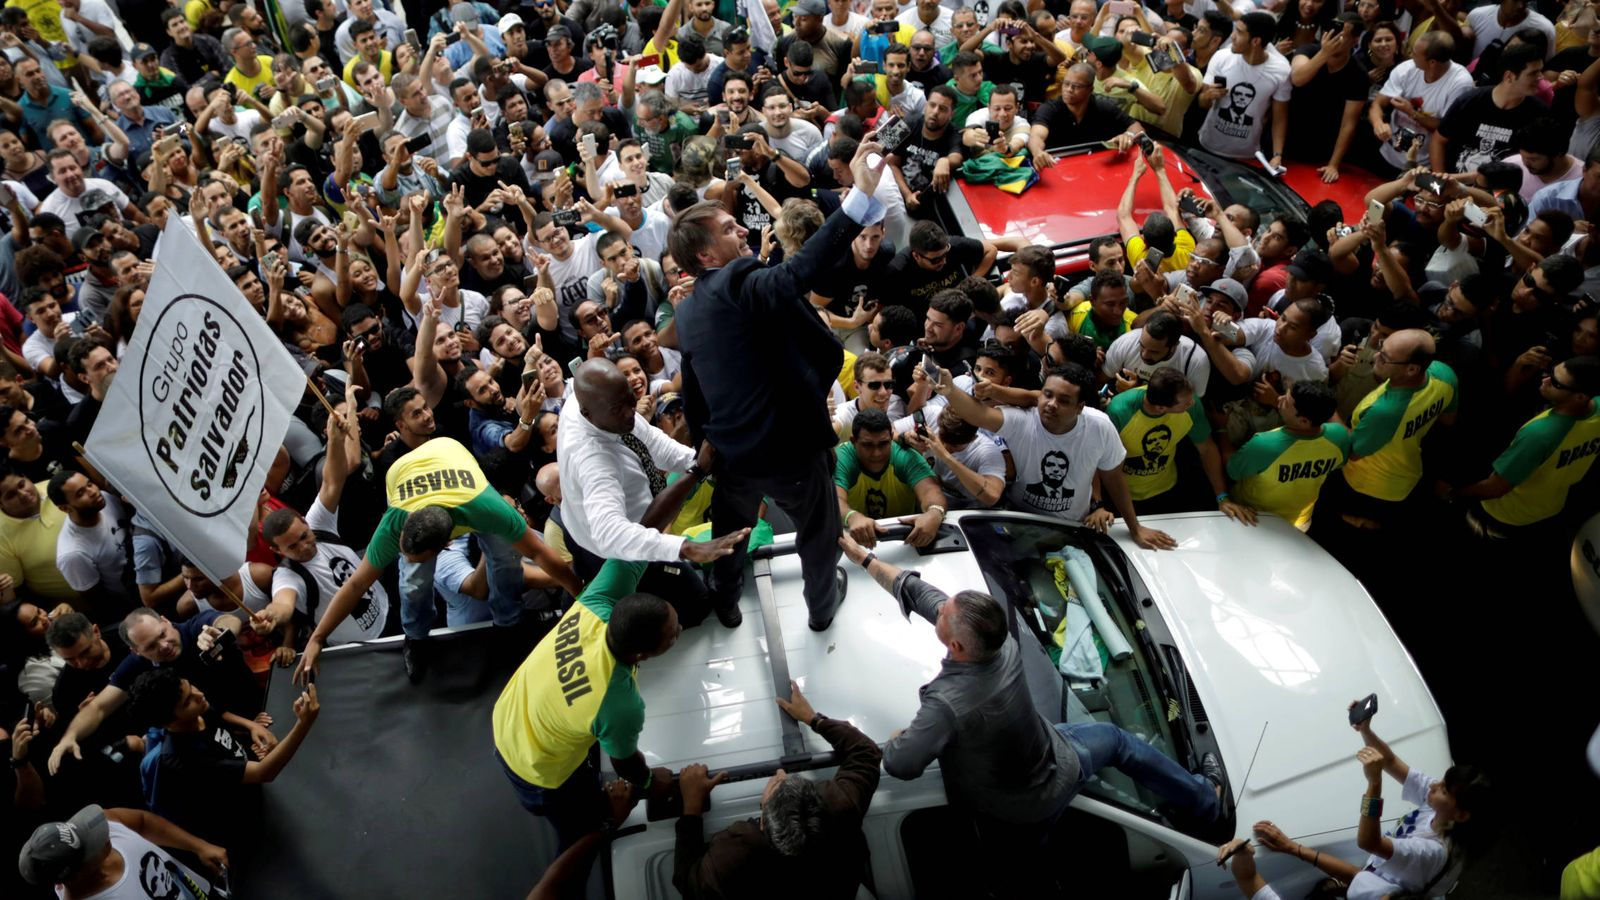 Foto: Jair Bolsonaro saluda a simpatizantes durante un mitin en Salvador cuando aún era candidato a la presidencia. (Reuters)